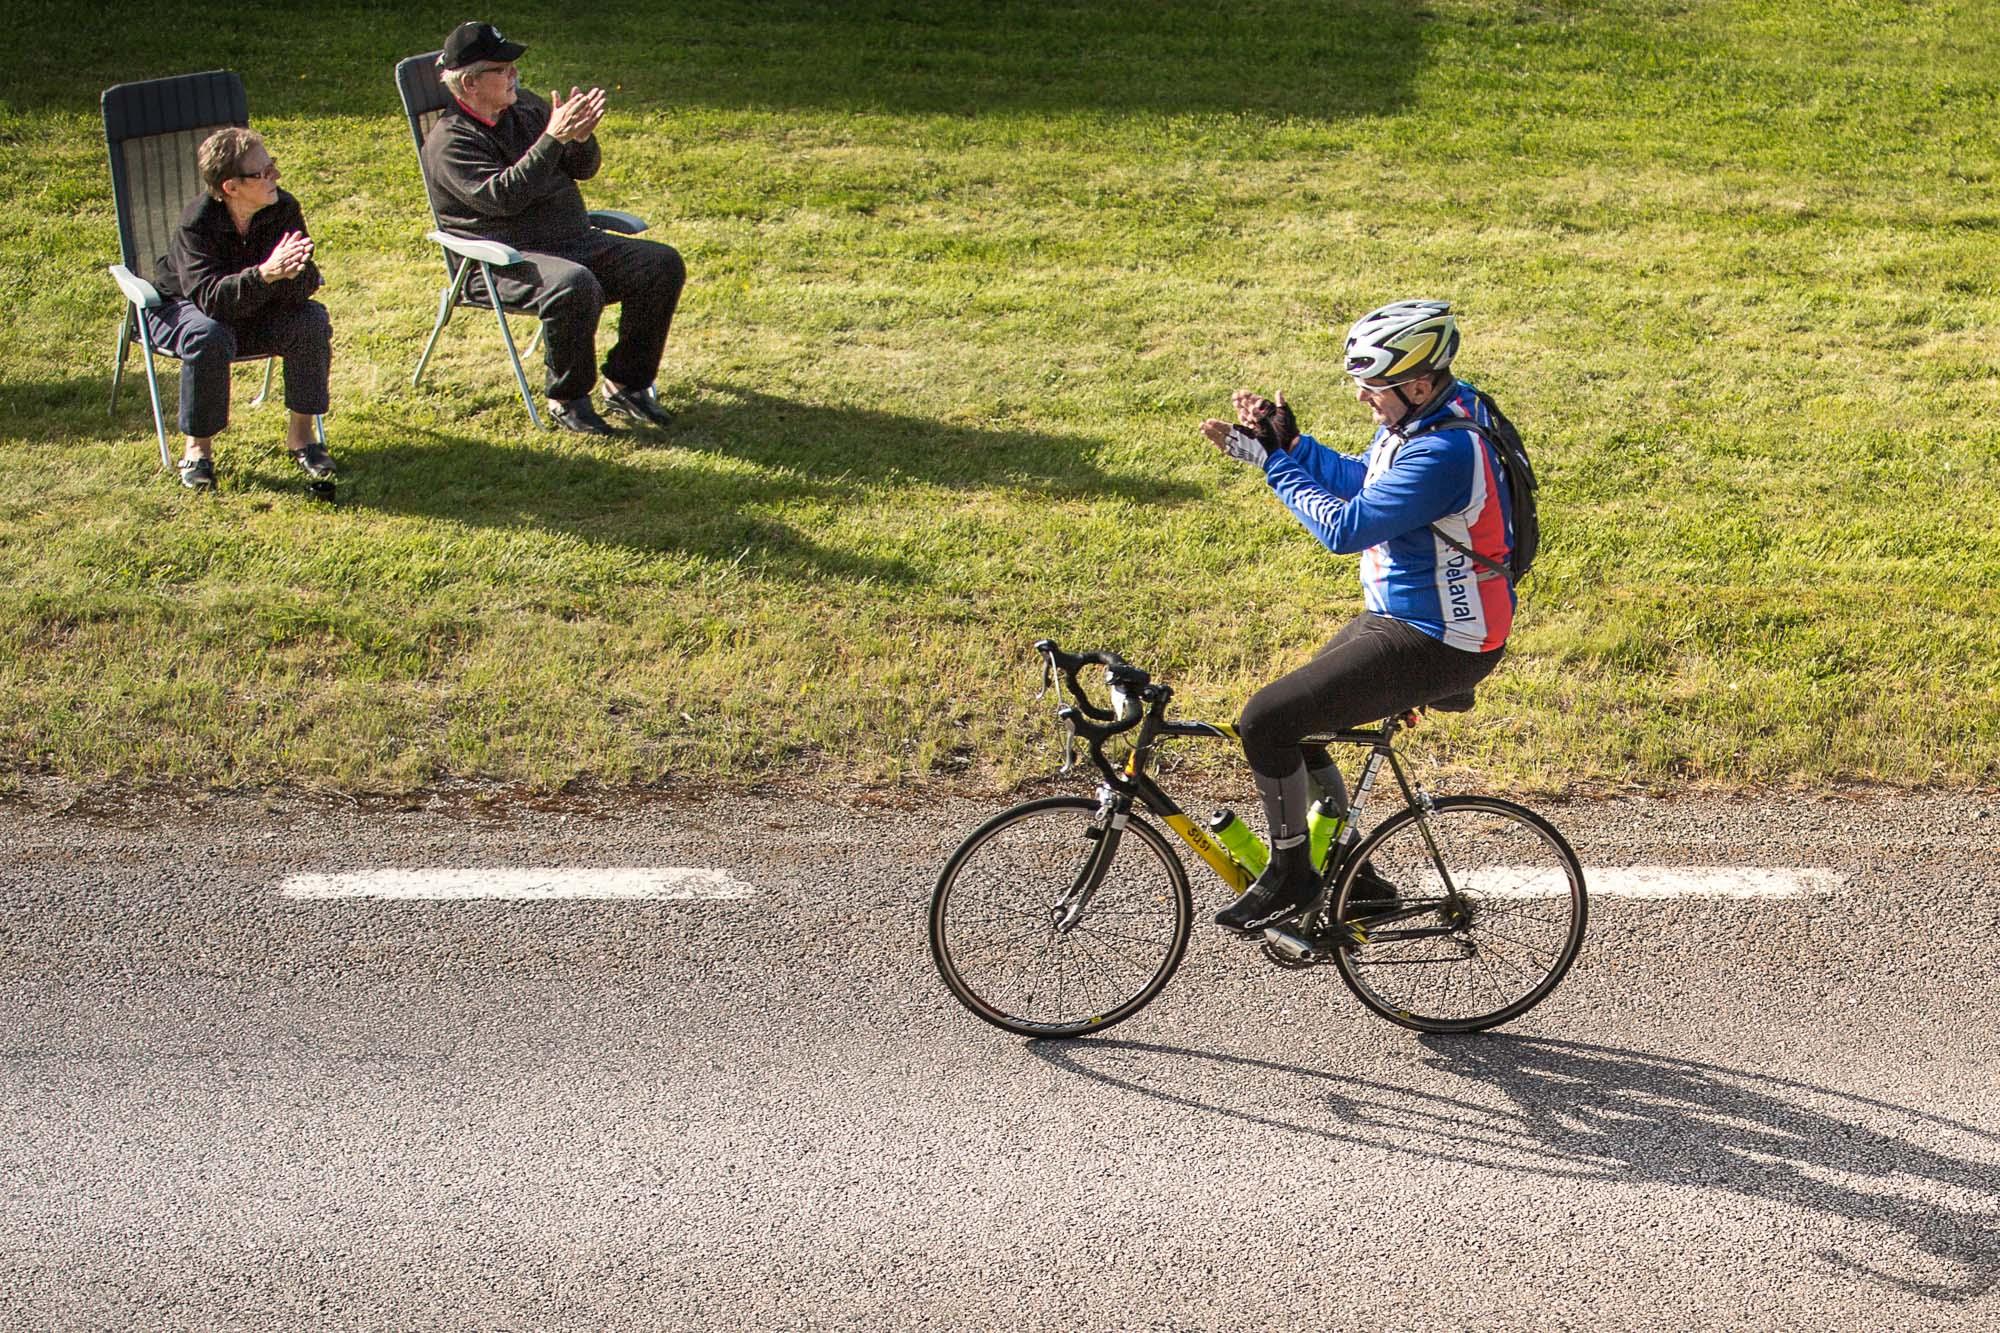 Ein Radfahrer bedankt sich bei klatschenden Zuschauern